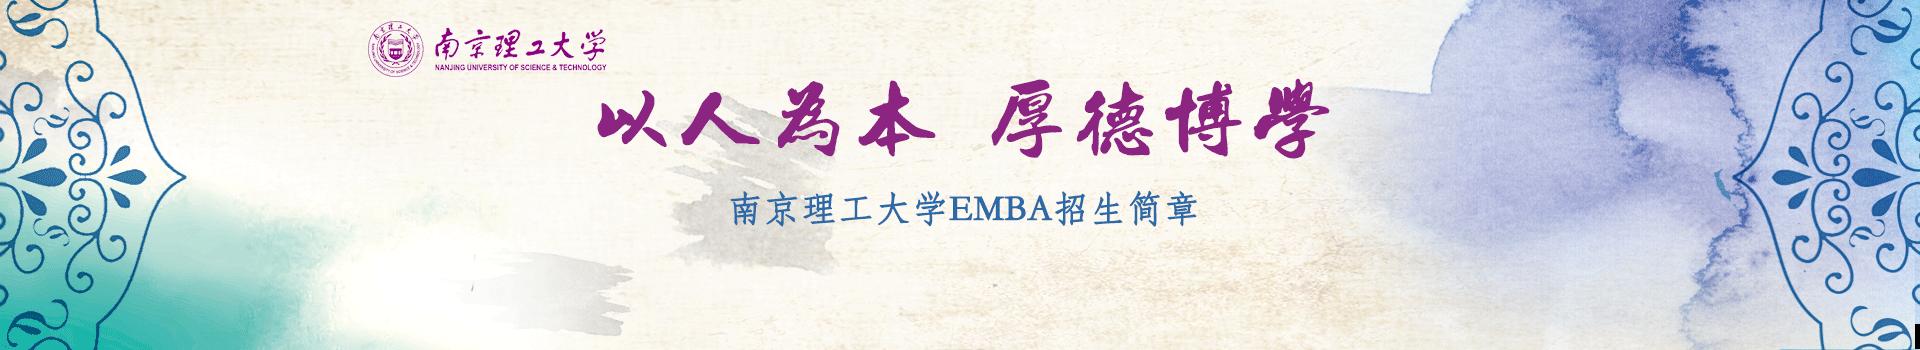 南京理工大学经济管理学院高级工商管理硕士(紫金EMBA)招生简章